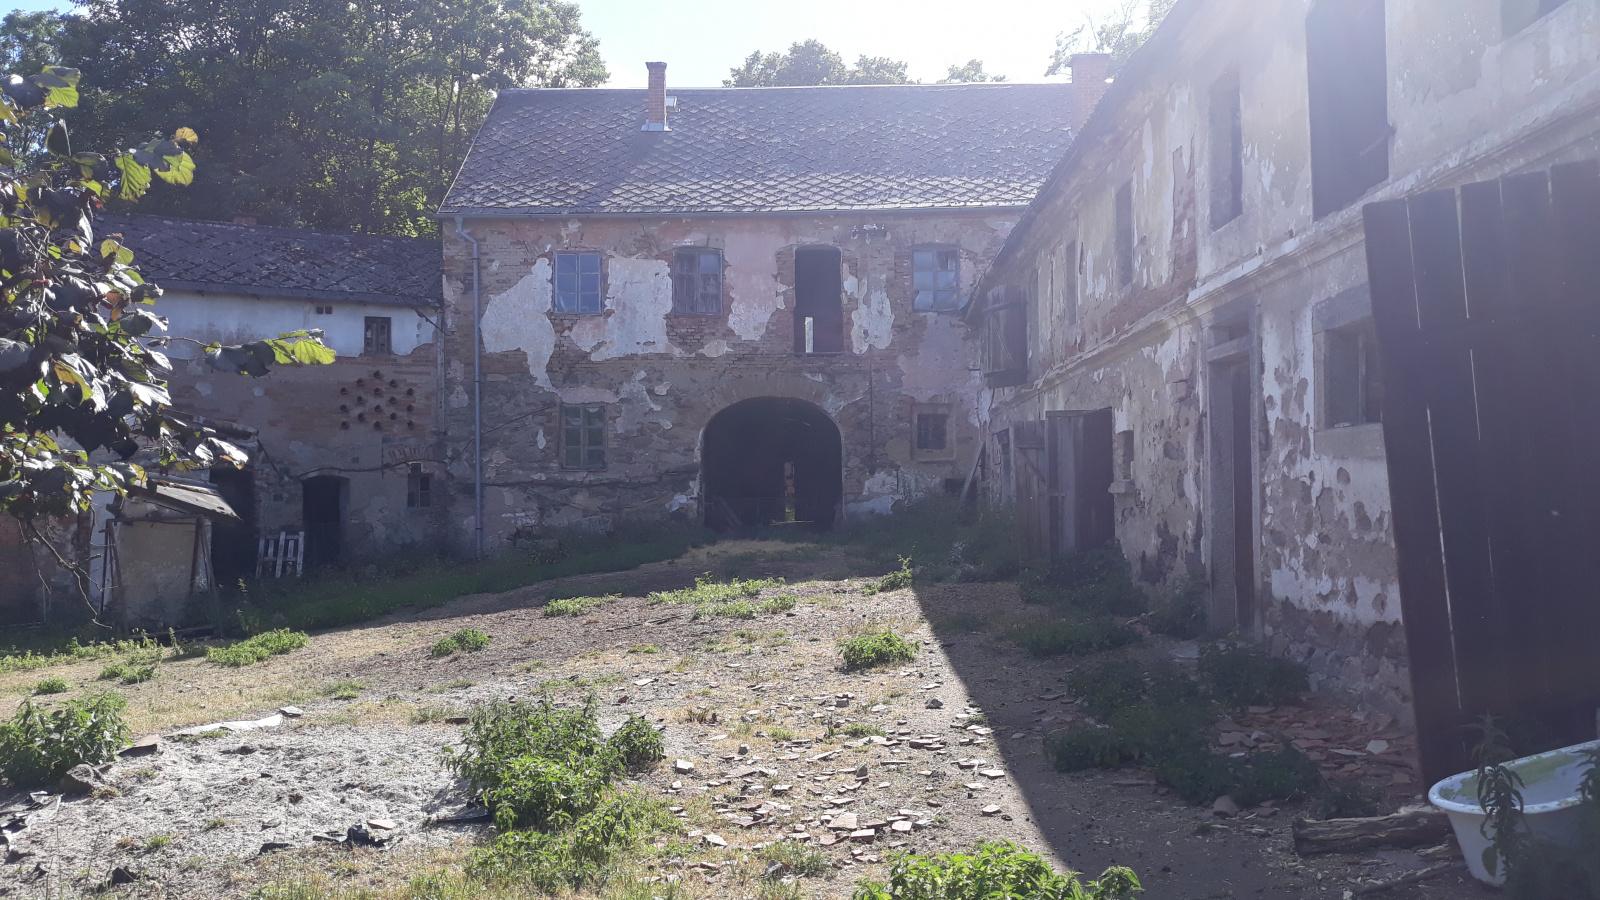 Zemědělská usedlost, Lestkov - část Stan, okr. Tachov